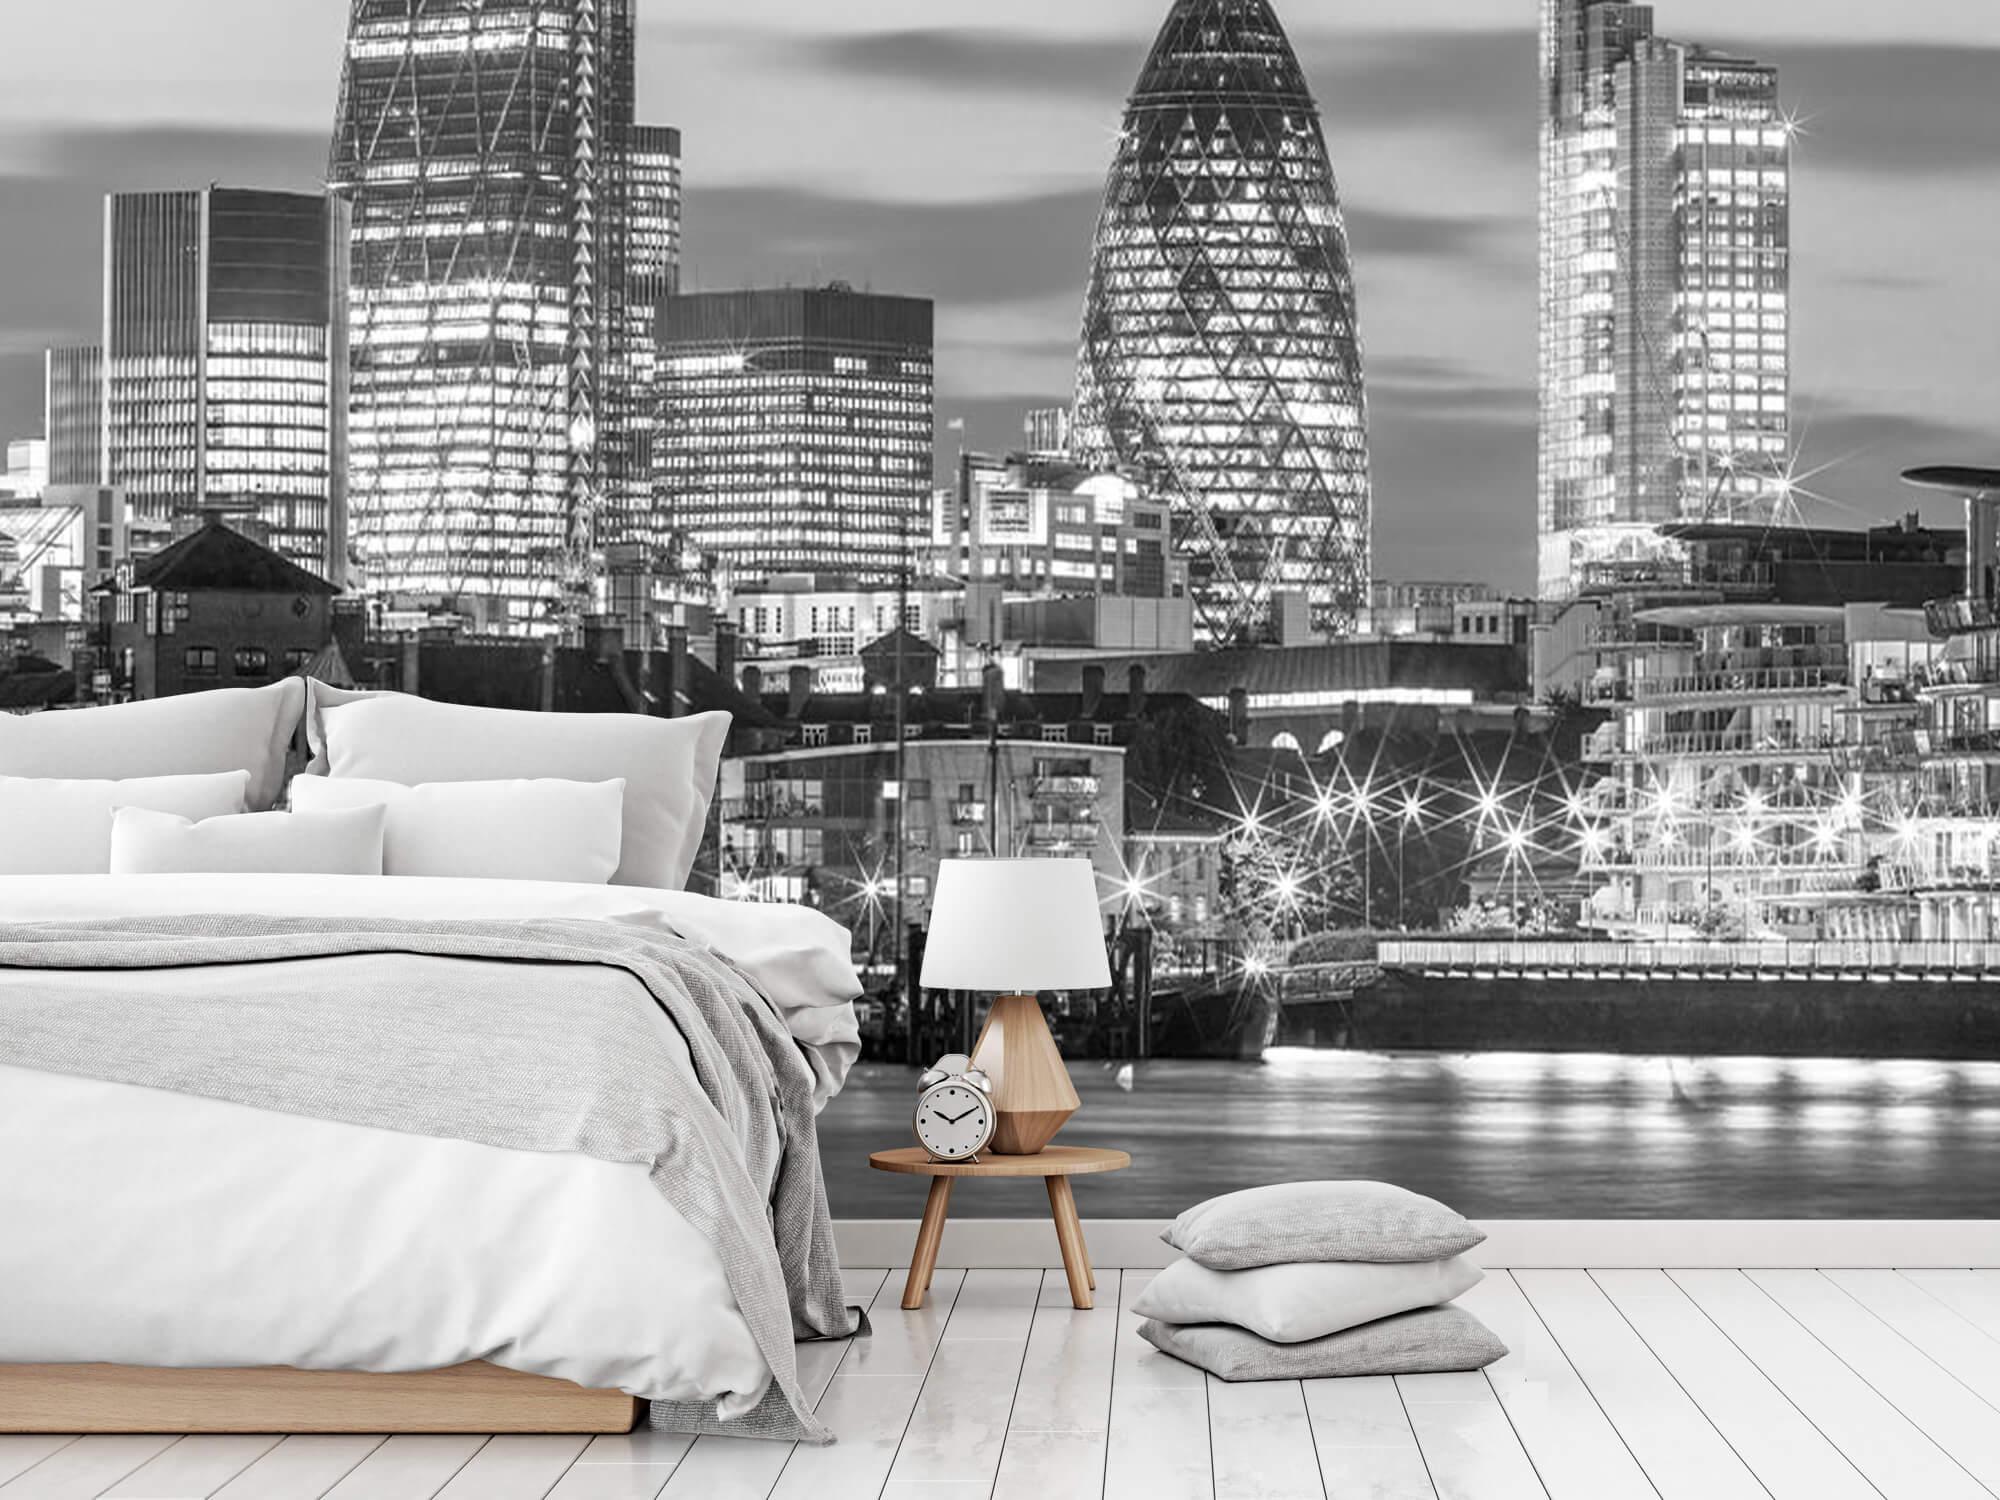 London Skyline 10